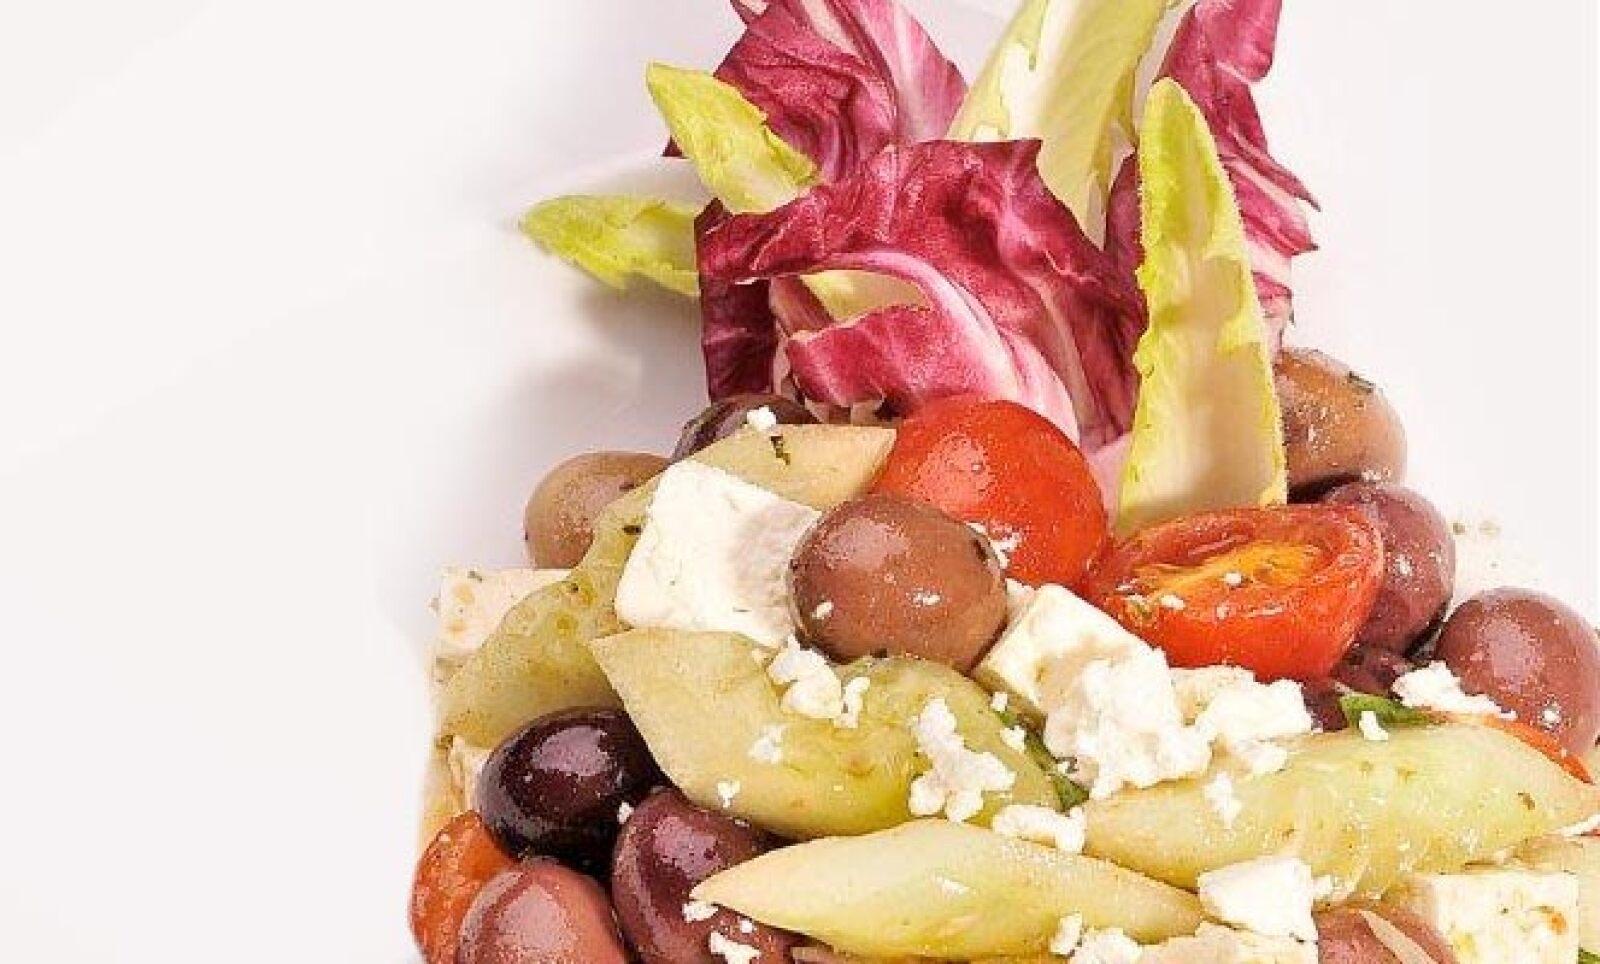 El chef  Rénier Jacques, recrea algunos platillos mediterráneos. Aquí un platillo griego elaborado con pepino, queso feta, aceitunas kalamatas y jitomate con un toque de aceite de oliva.